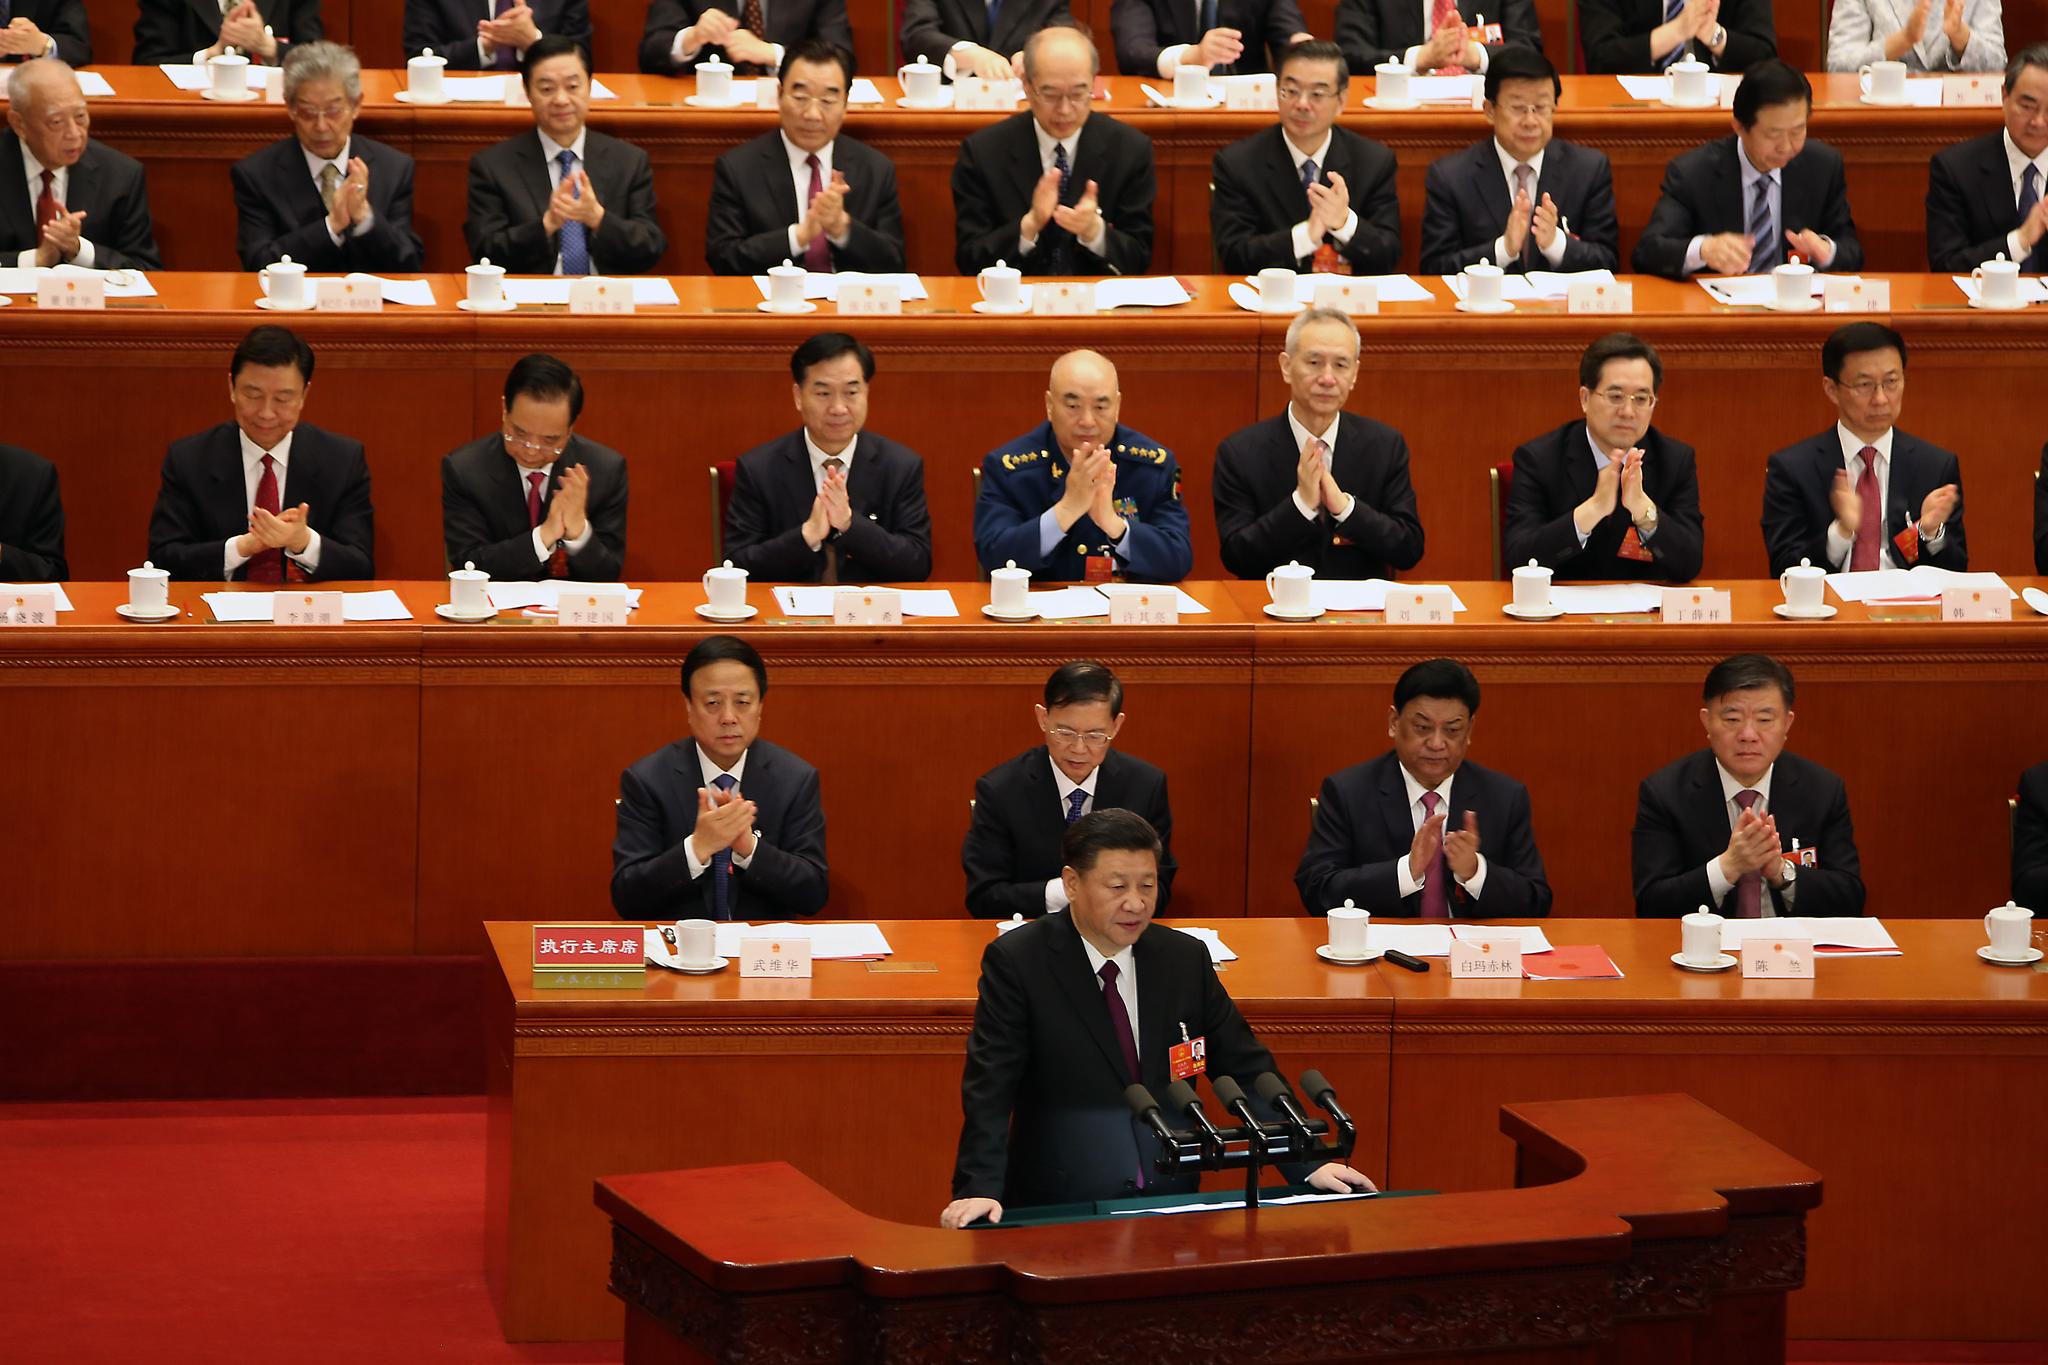 시진핑 중국 국가주석이 20일 베이징 인민대회당에서 열린 전국인민대표대회(전인대) 폐막식에서 연설하고 있다.[UPI=연합뉴스]